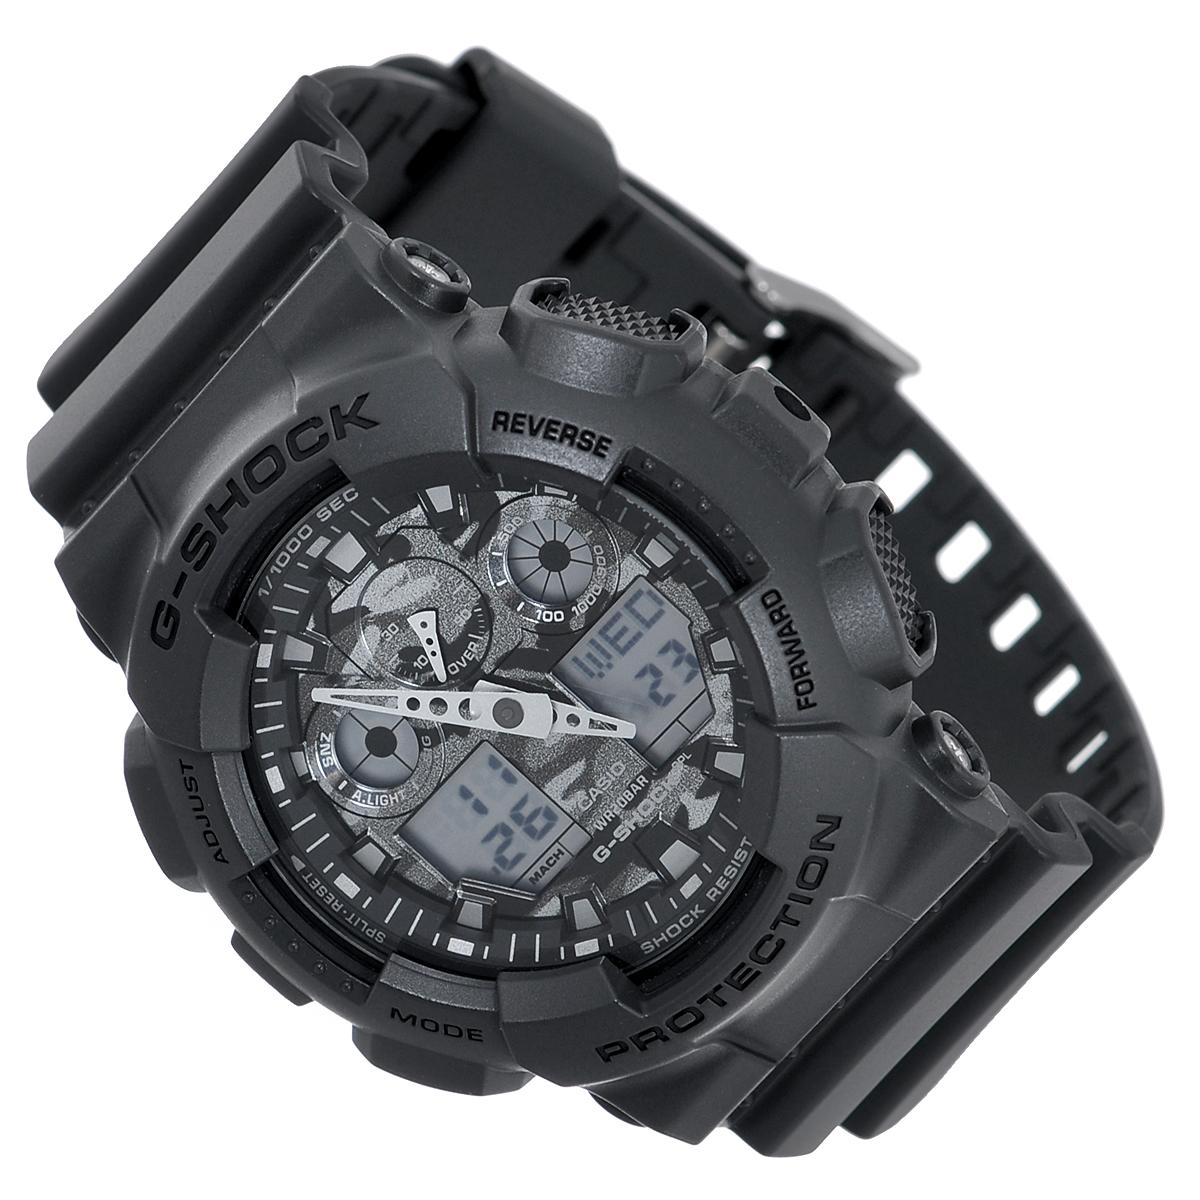 Часы мужские наручные Casio G-Shock, цвет: темно-серый. GA-100CF-8AML597BUL/DСтильные кварцевые часы G-Shock от японского брэнда Casio - это яркий функциональный аксессуар для современных людей, которые стремятся выделиться из толпы и подчеркнуть свою индивидуальность. Часы выполнены в спортивном стиле. Корпус имеет ударопрочную конструкцию, защищающую механизм от ударов и вибрации. Циферблат с отметками и двумя стрелками подсвечивается светодиодом. Функция автоподсветки освещает циферблат при повороте часов к лицу. Ремешок из пластика имеет классическую застежку.Основные функции: -5 будильников, один из которых с функцией Snooze, ежечасный сигнал; -автоматический календарь (число, месяц, день недели, год); -секундомер с точностью показаний 1/1000 с и временем измерения 100 ч; -12-ти и 24-х часовой формат времени; -таймер обратного отсчета от 1 мин до 24 ч с автоповтором; -мировое время; -сплит-хронограф; -защита от магнитных полей;-измерение скорости и расстояния. Часы упакованы в фирменную коробку с логотипом Casio. Такой аксессуар добавит вашему образу стиля и подчеркнет безупречный вкус своего владельца.Характеристики: Диаметр циферблата: 3,8 см.Размер корпуса: 5,5 см х 5,1 см х 1,7 см.Длина ремешка (с корпусом): 25 см.Ширина ремешка: 2,2 см. STAINLESS STELL BACK JAPAN MOVT EL CASED IN THAILAND.